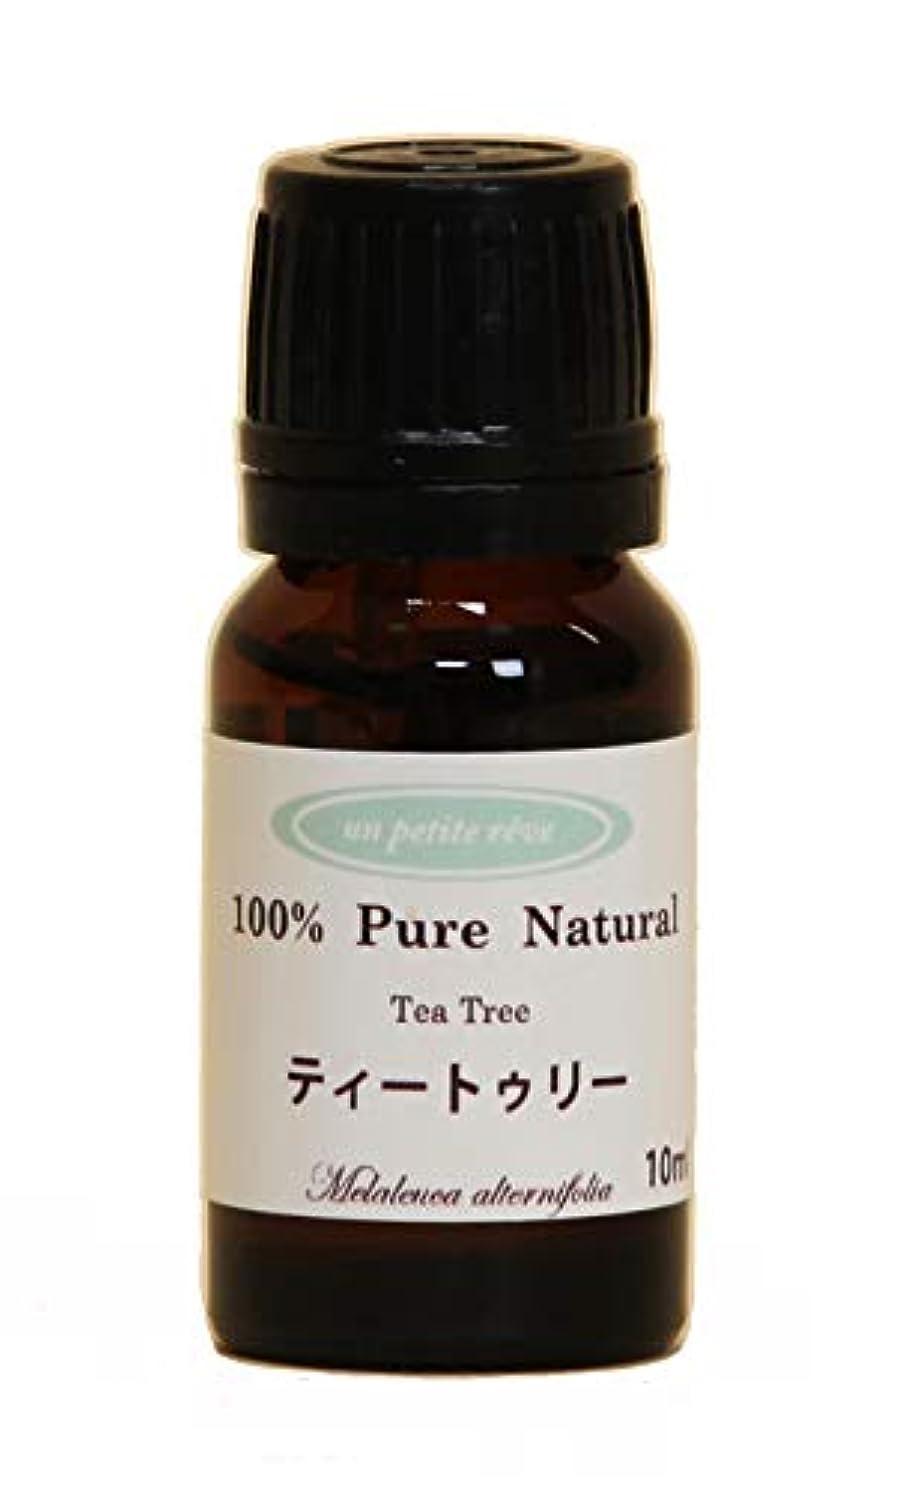 環境必要条件開拓者ティートゥリー 10ml 100%天然アロマエッセンシャルオイル(精油)